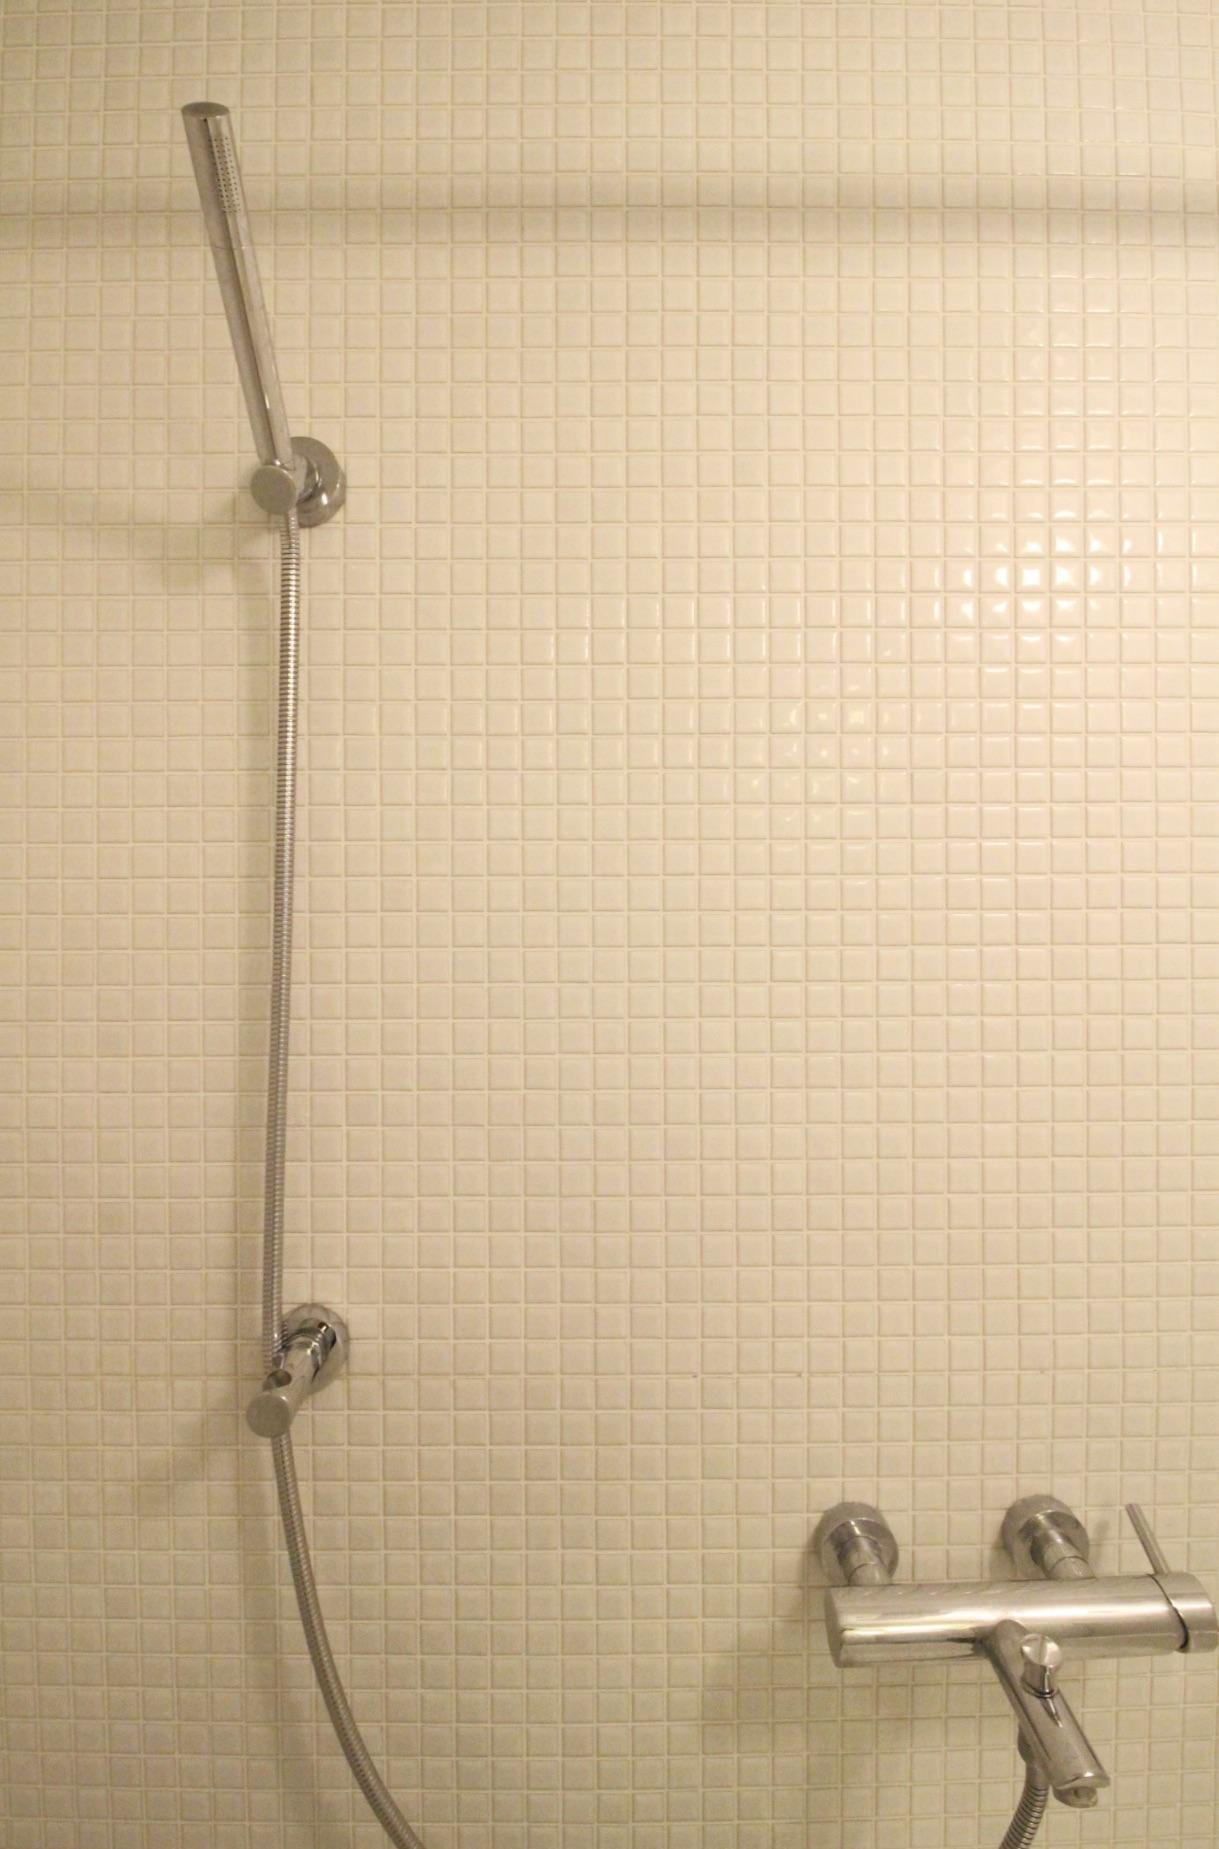 ミニマルなデザインのシャワーヘッド